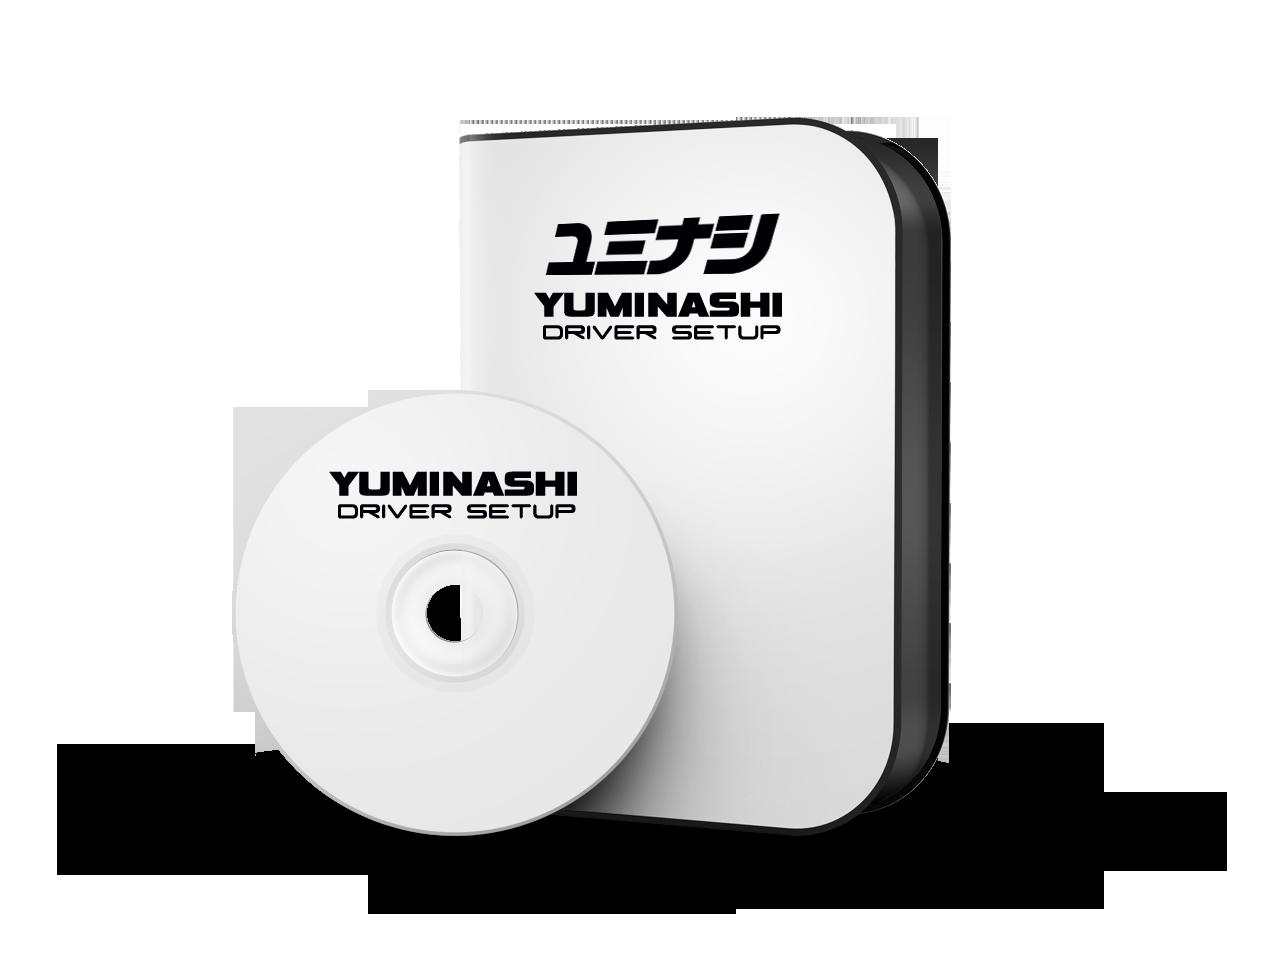 01-yuminashi-driver-setup-vector.png